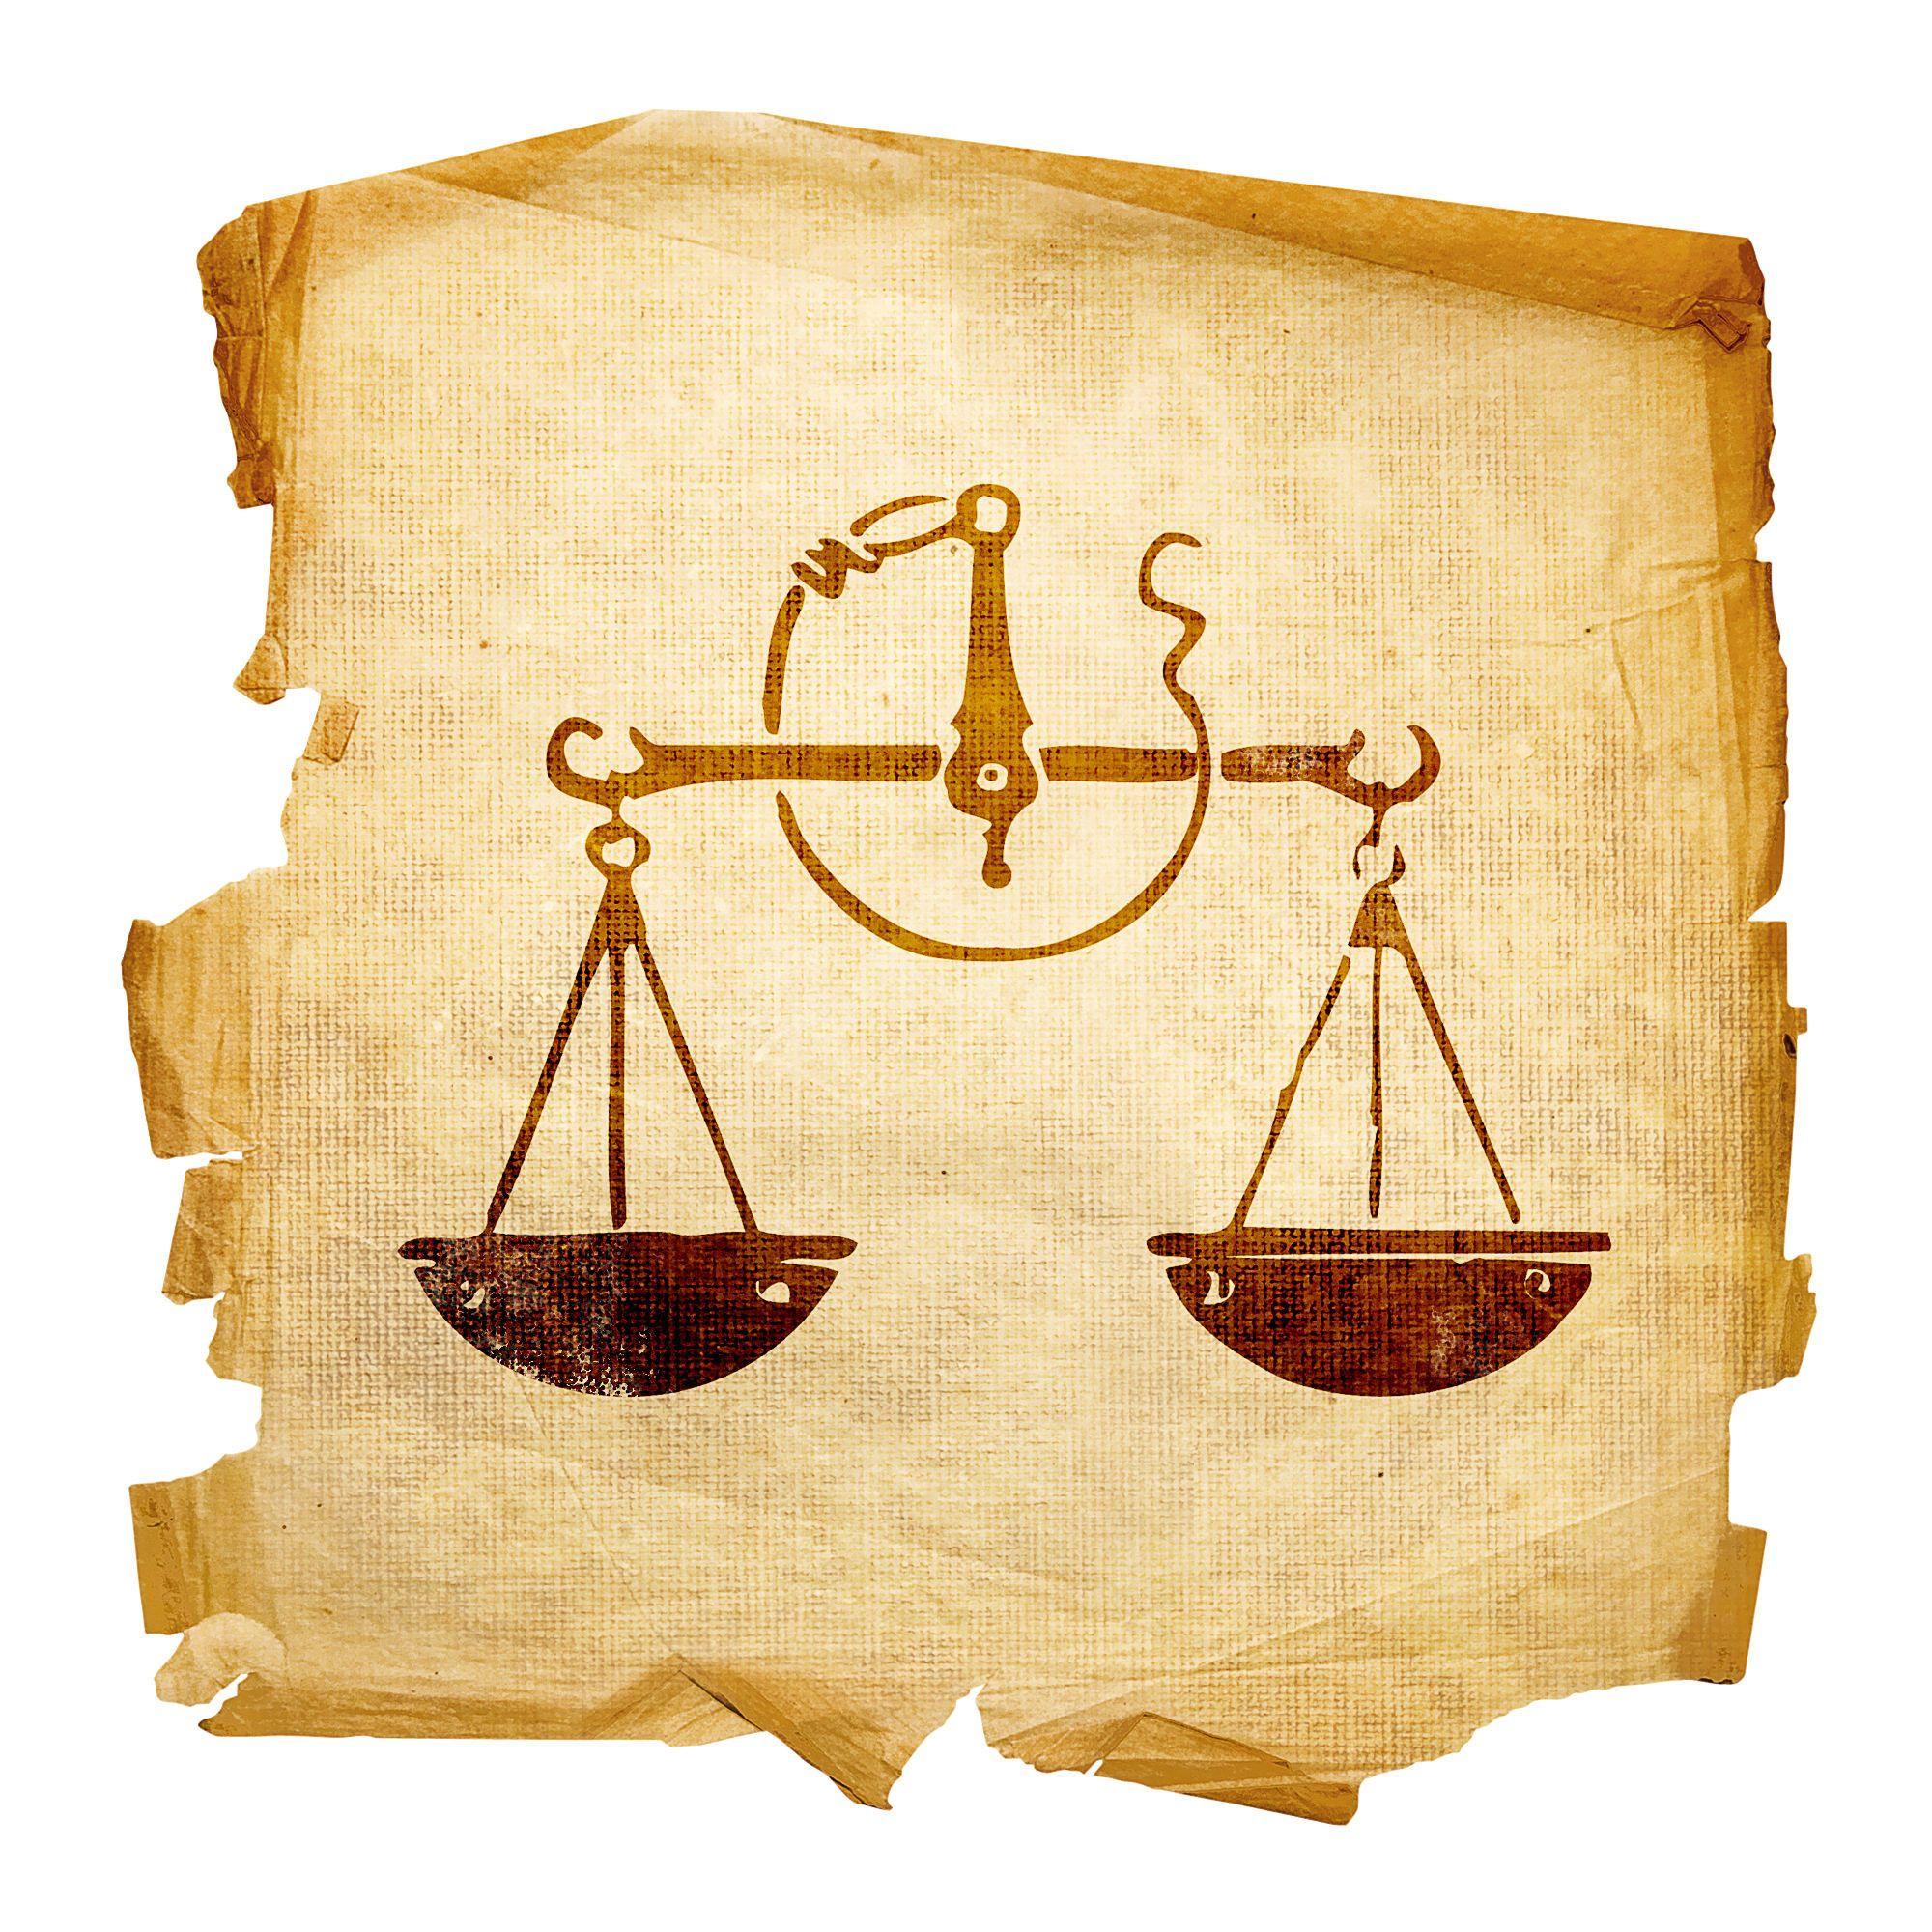 Знаки, гороскоп, гороскоп на сьогодні, гороскоп на сьогодні, знаки зодіаку, 12 знаків зодіаку, гороскоп на завтра, Терези, гороскоп на сьогодні Терези, прогнози Astro_9